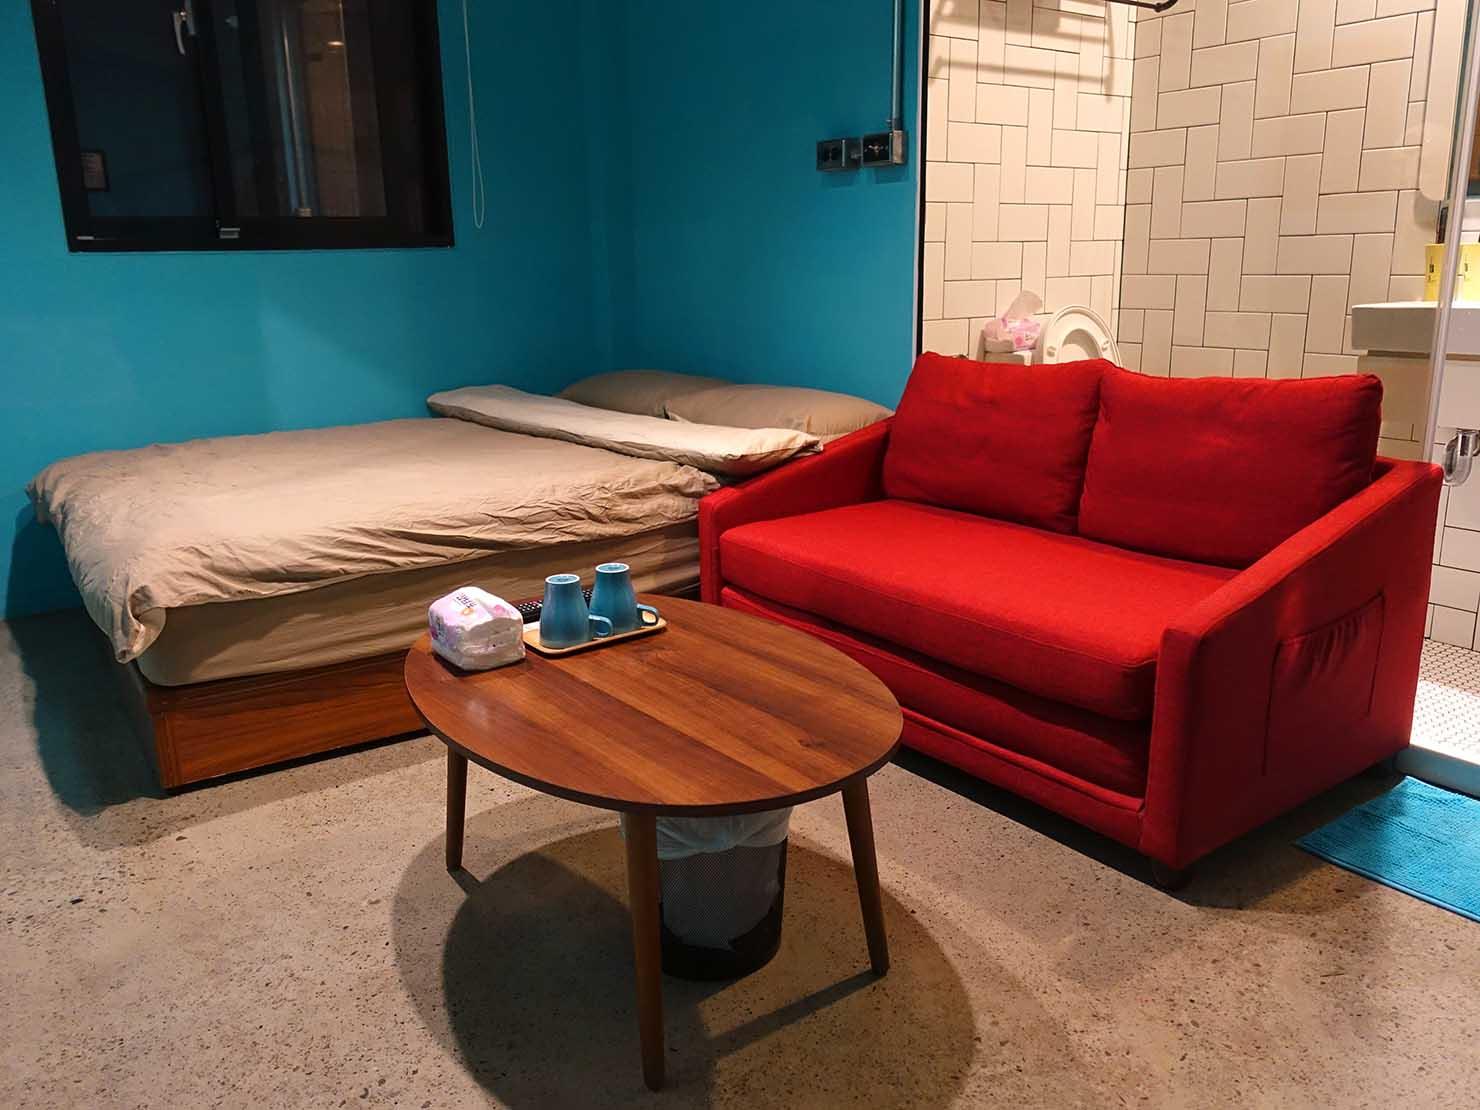 台中駅徒歩10分のリーズナブルなおすすめミニホテル「光原宿 Light House」ダブルルームのベッドとソファ